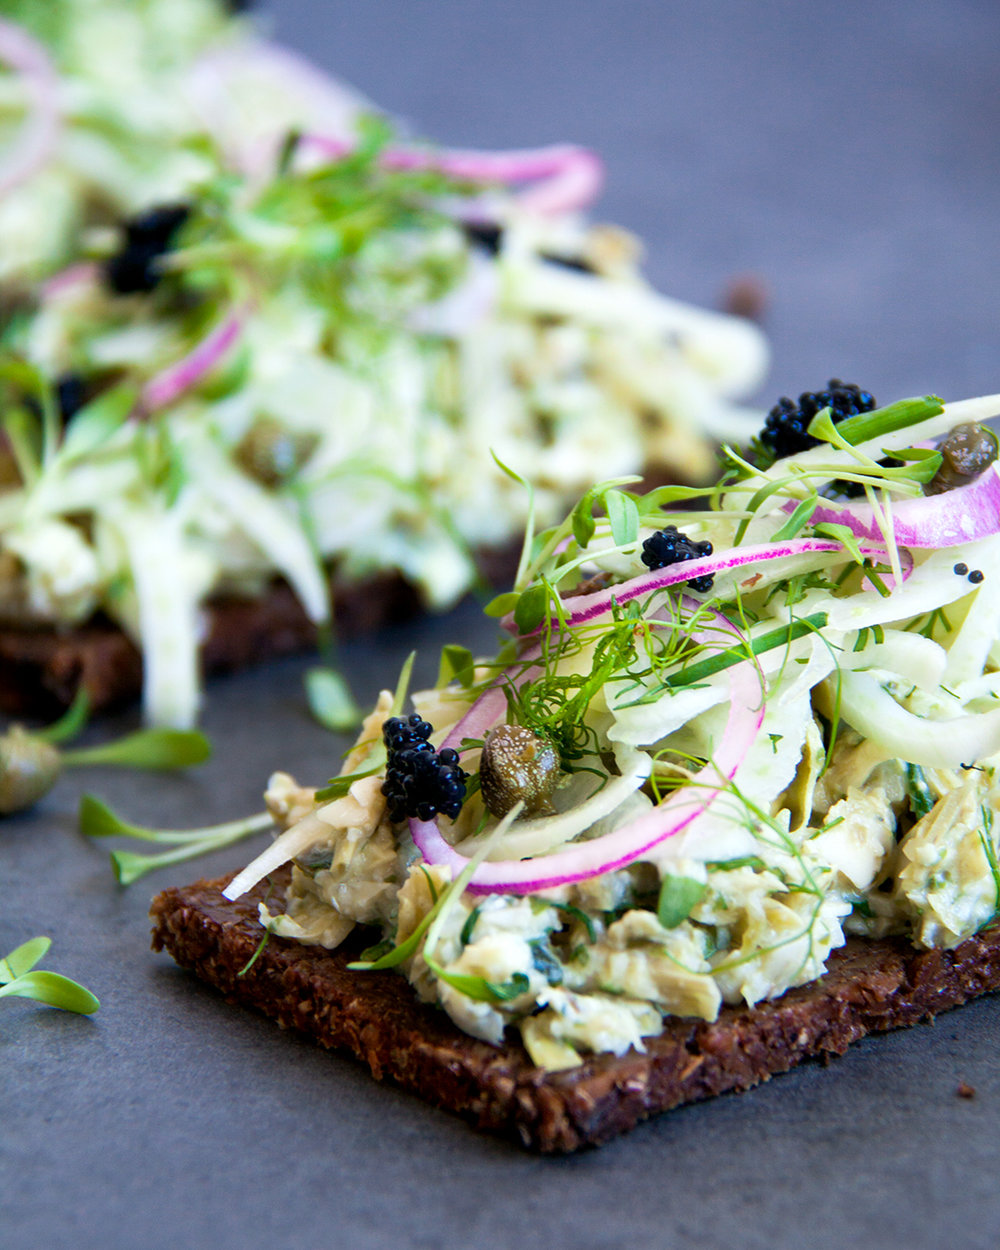 De vegan vissalade smaakt nog beter met knapperige uiringen, plantaardige kaviaar, kappers en kruiden.